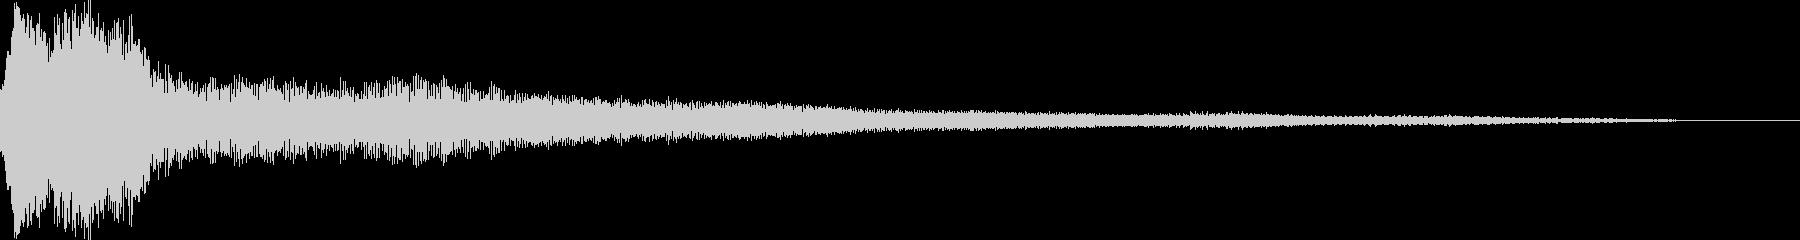 【ホラー】 シーン 亡霊の叫び 08の未再生の波形